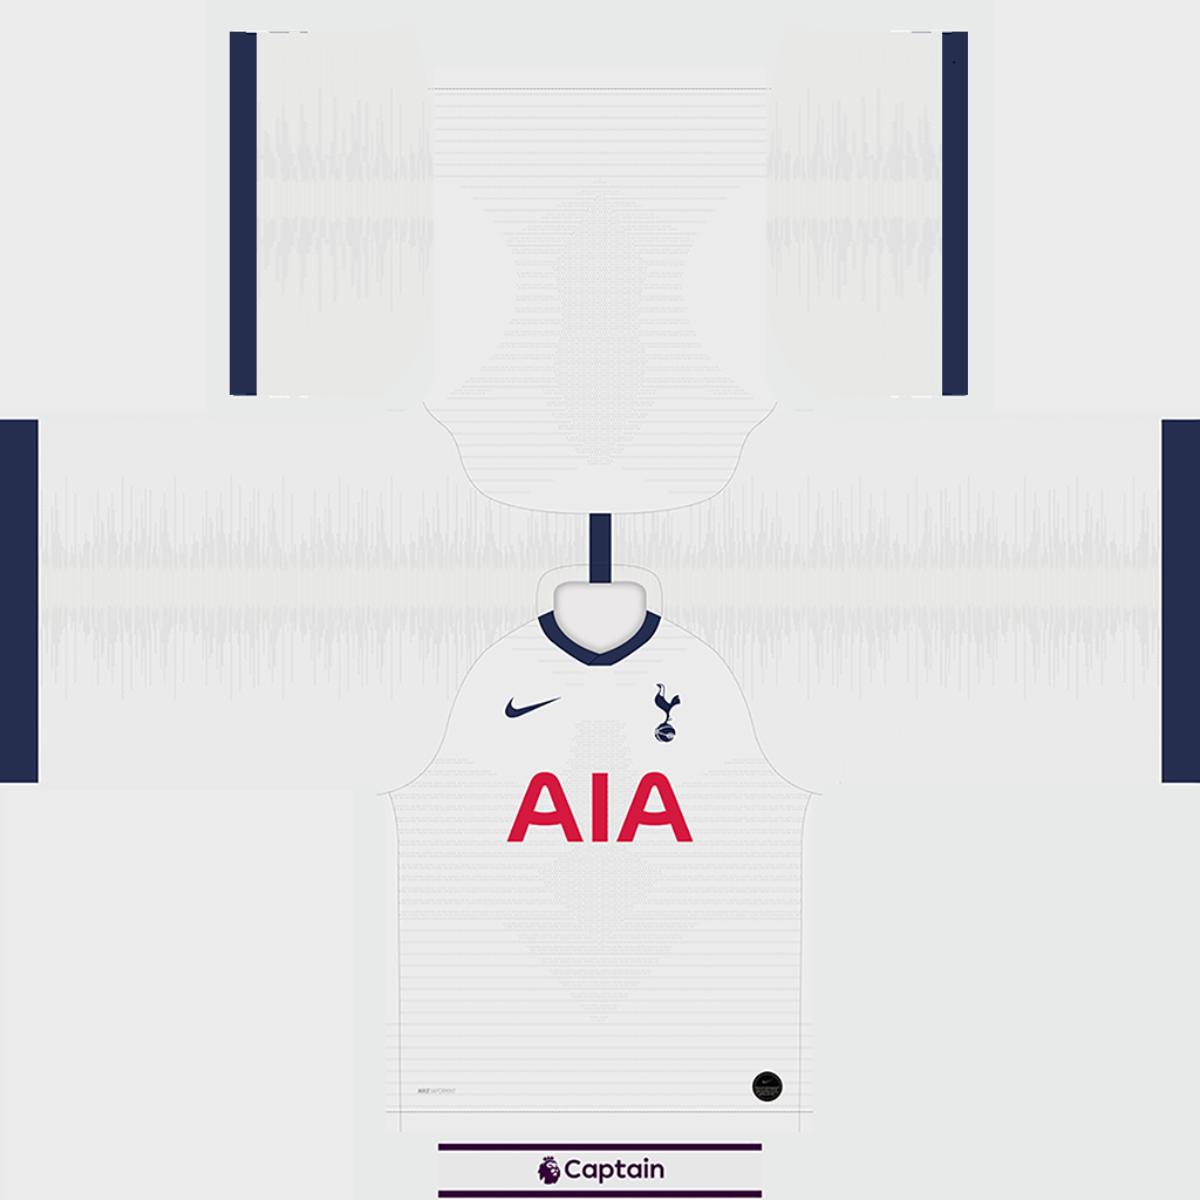 Kits Tottenham 2019 2020 Rx3 Added Fifa 16 Fifamoro